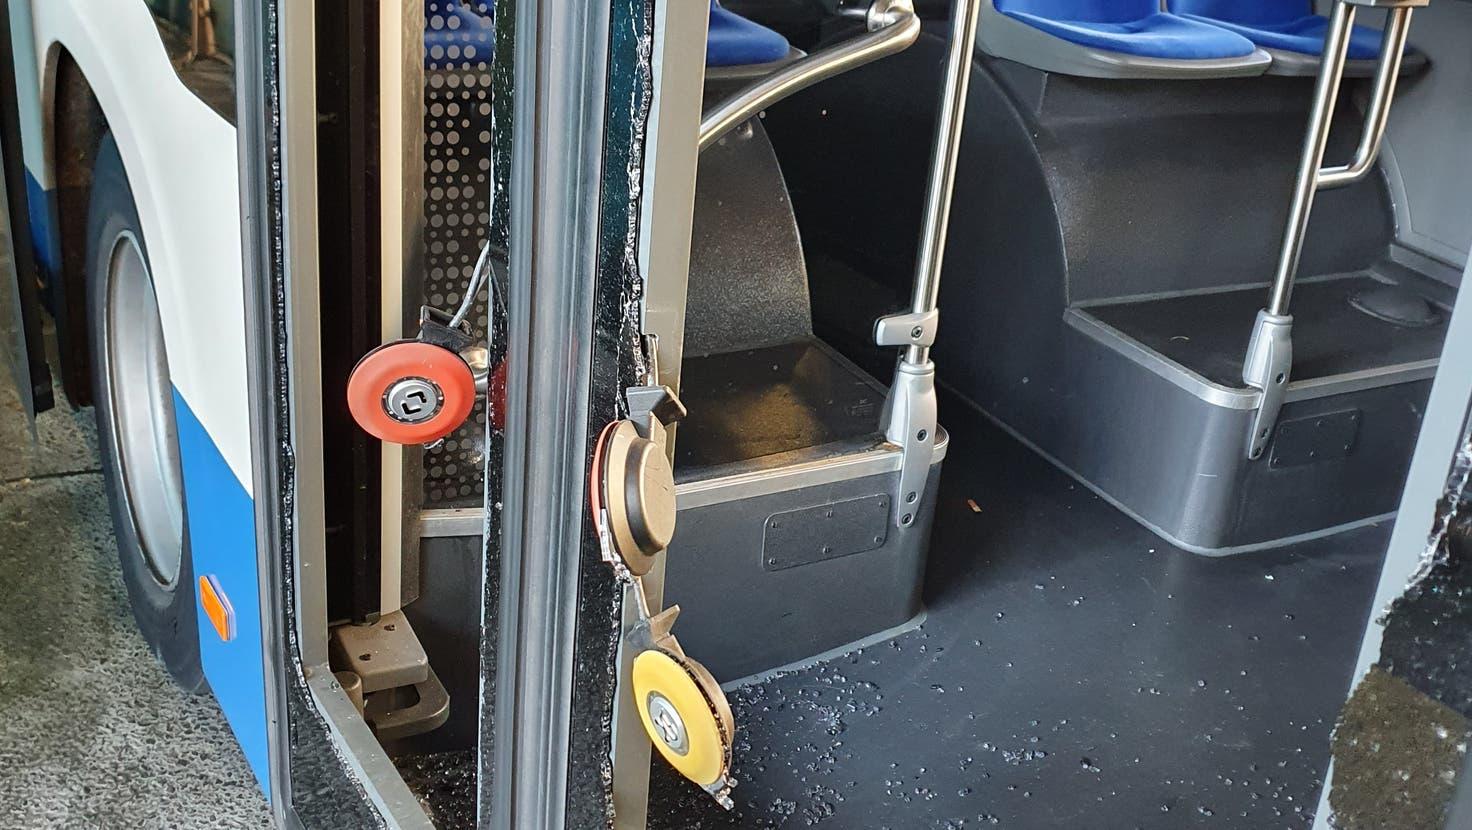 Die demolierte Tür eines Luzerner Busses. (Bild: pd)